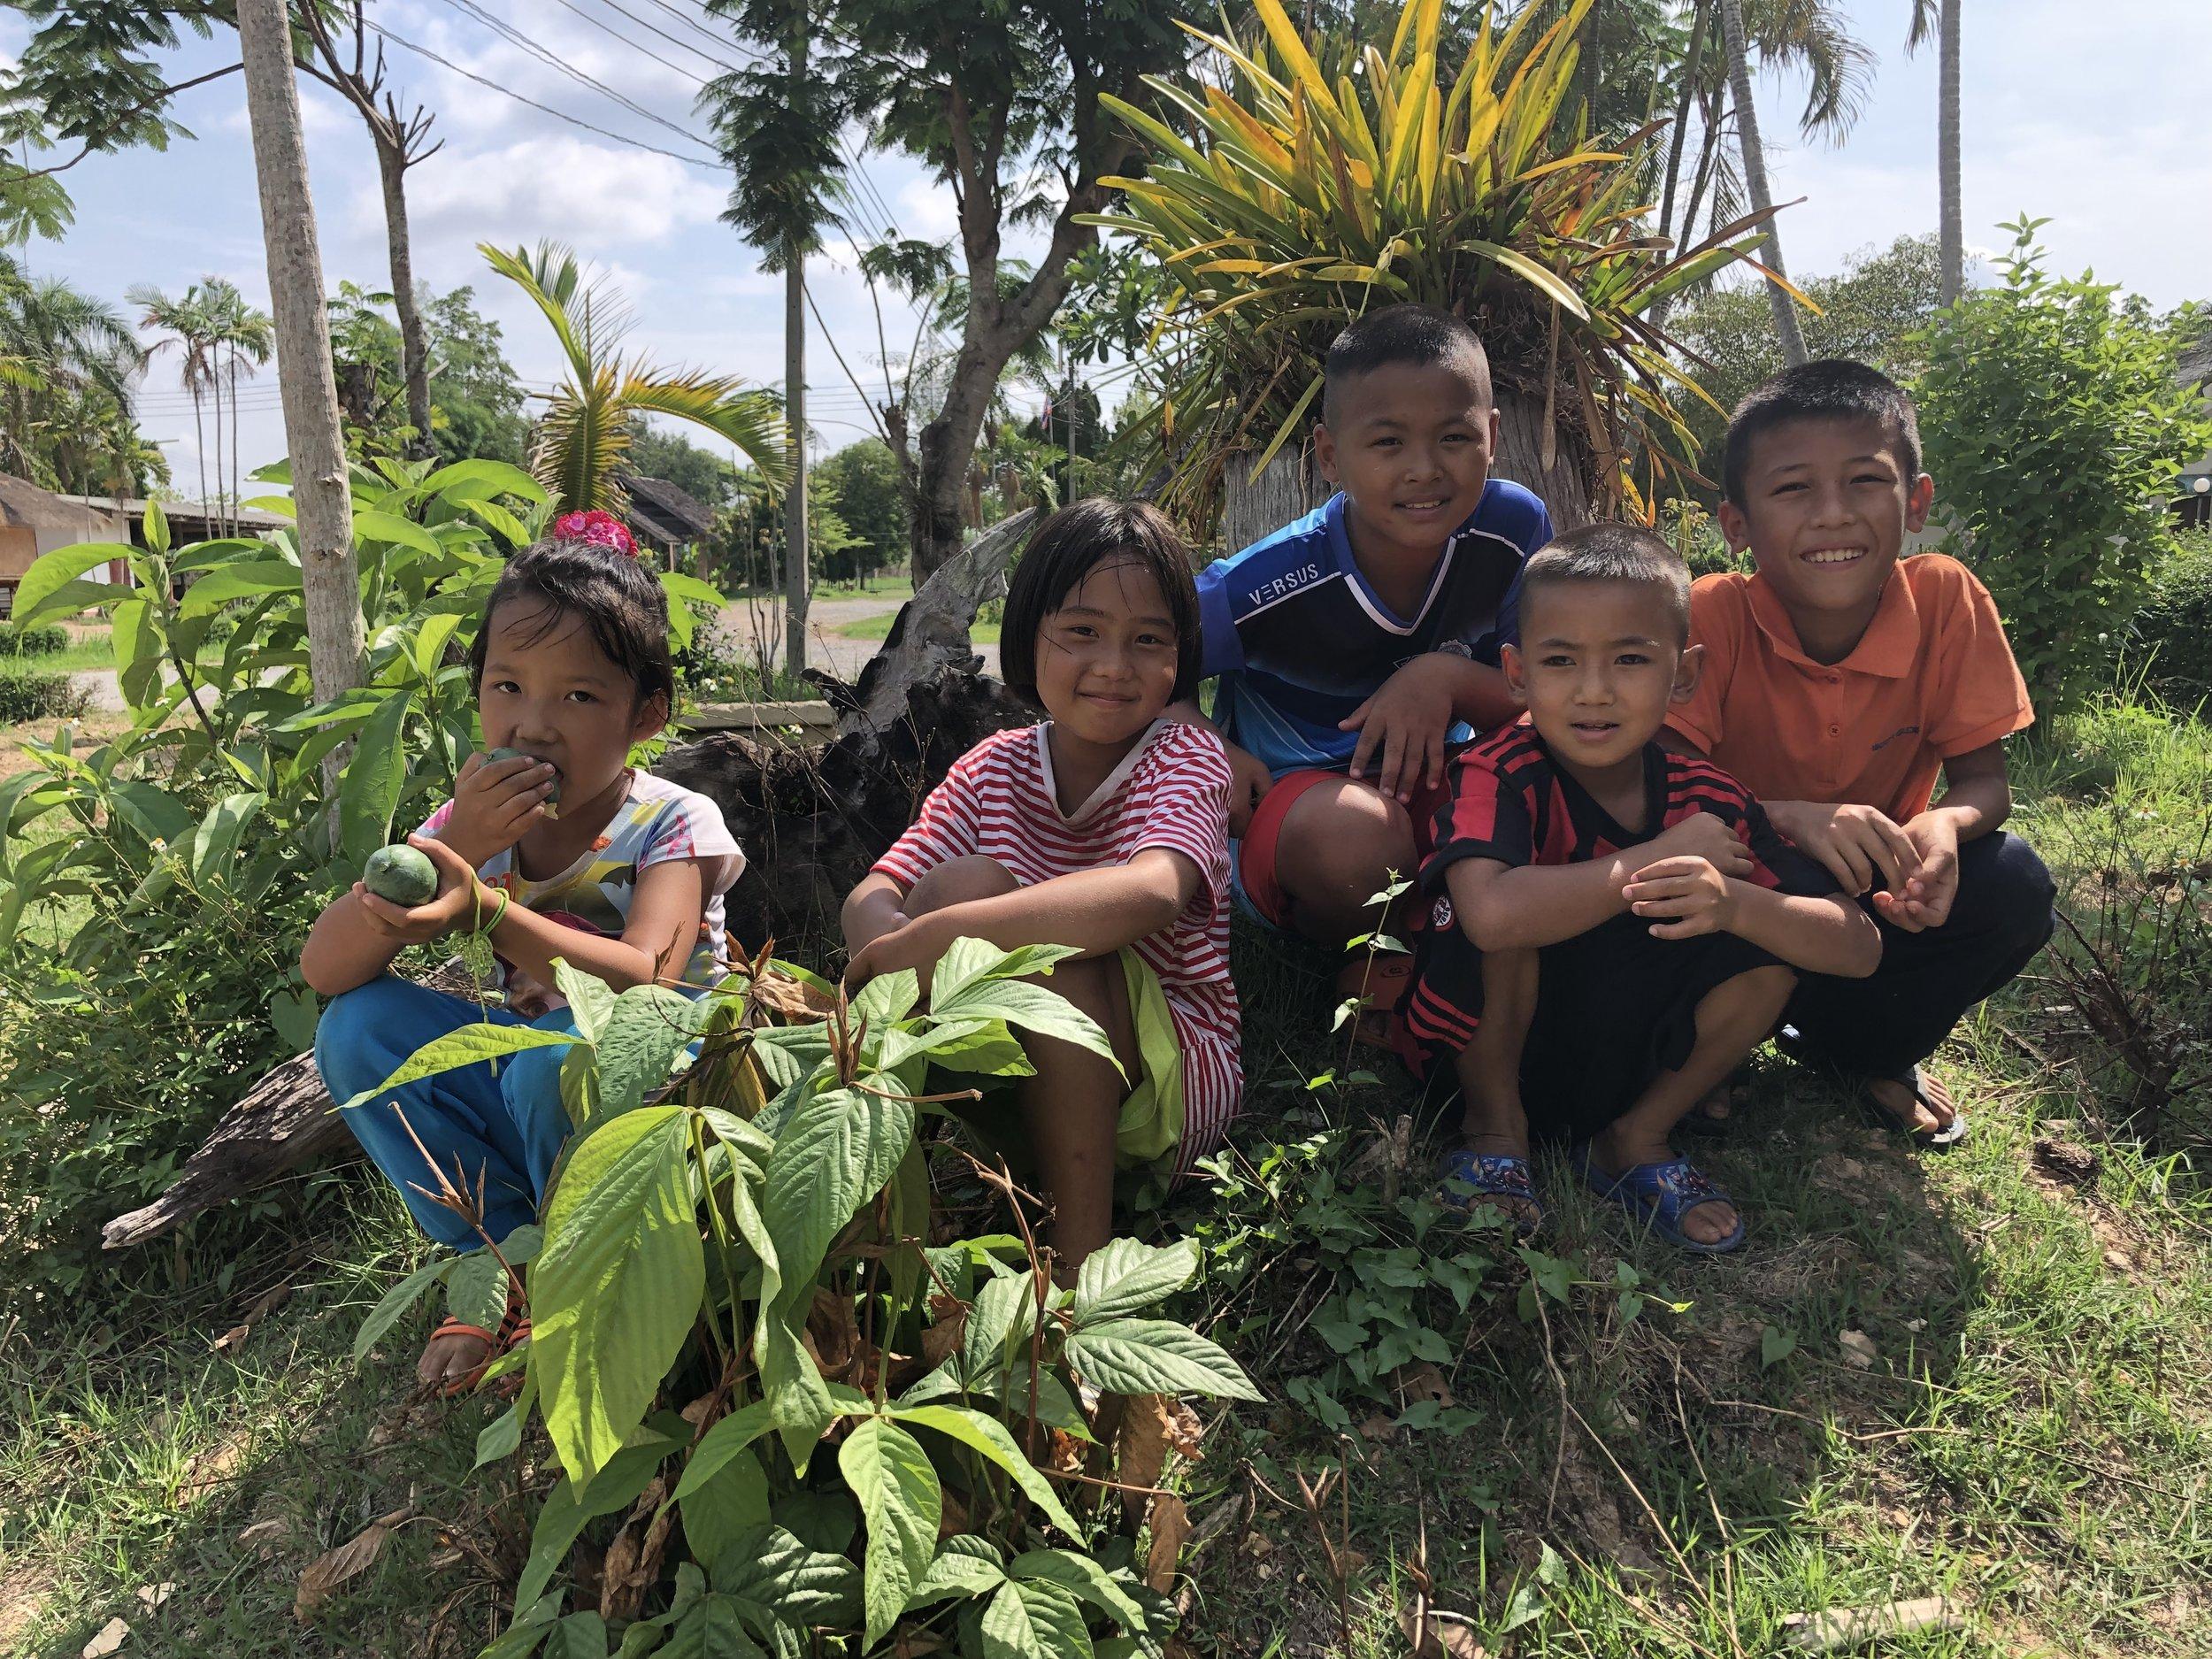 5 nye forhåpningsfulle barn til BCM – Foto: Knut Inge Bergem